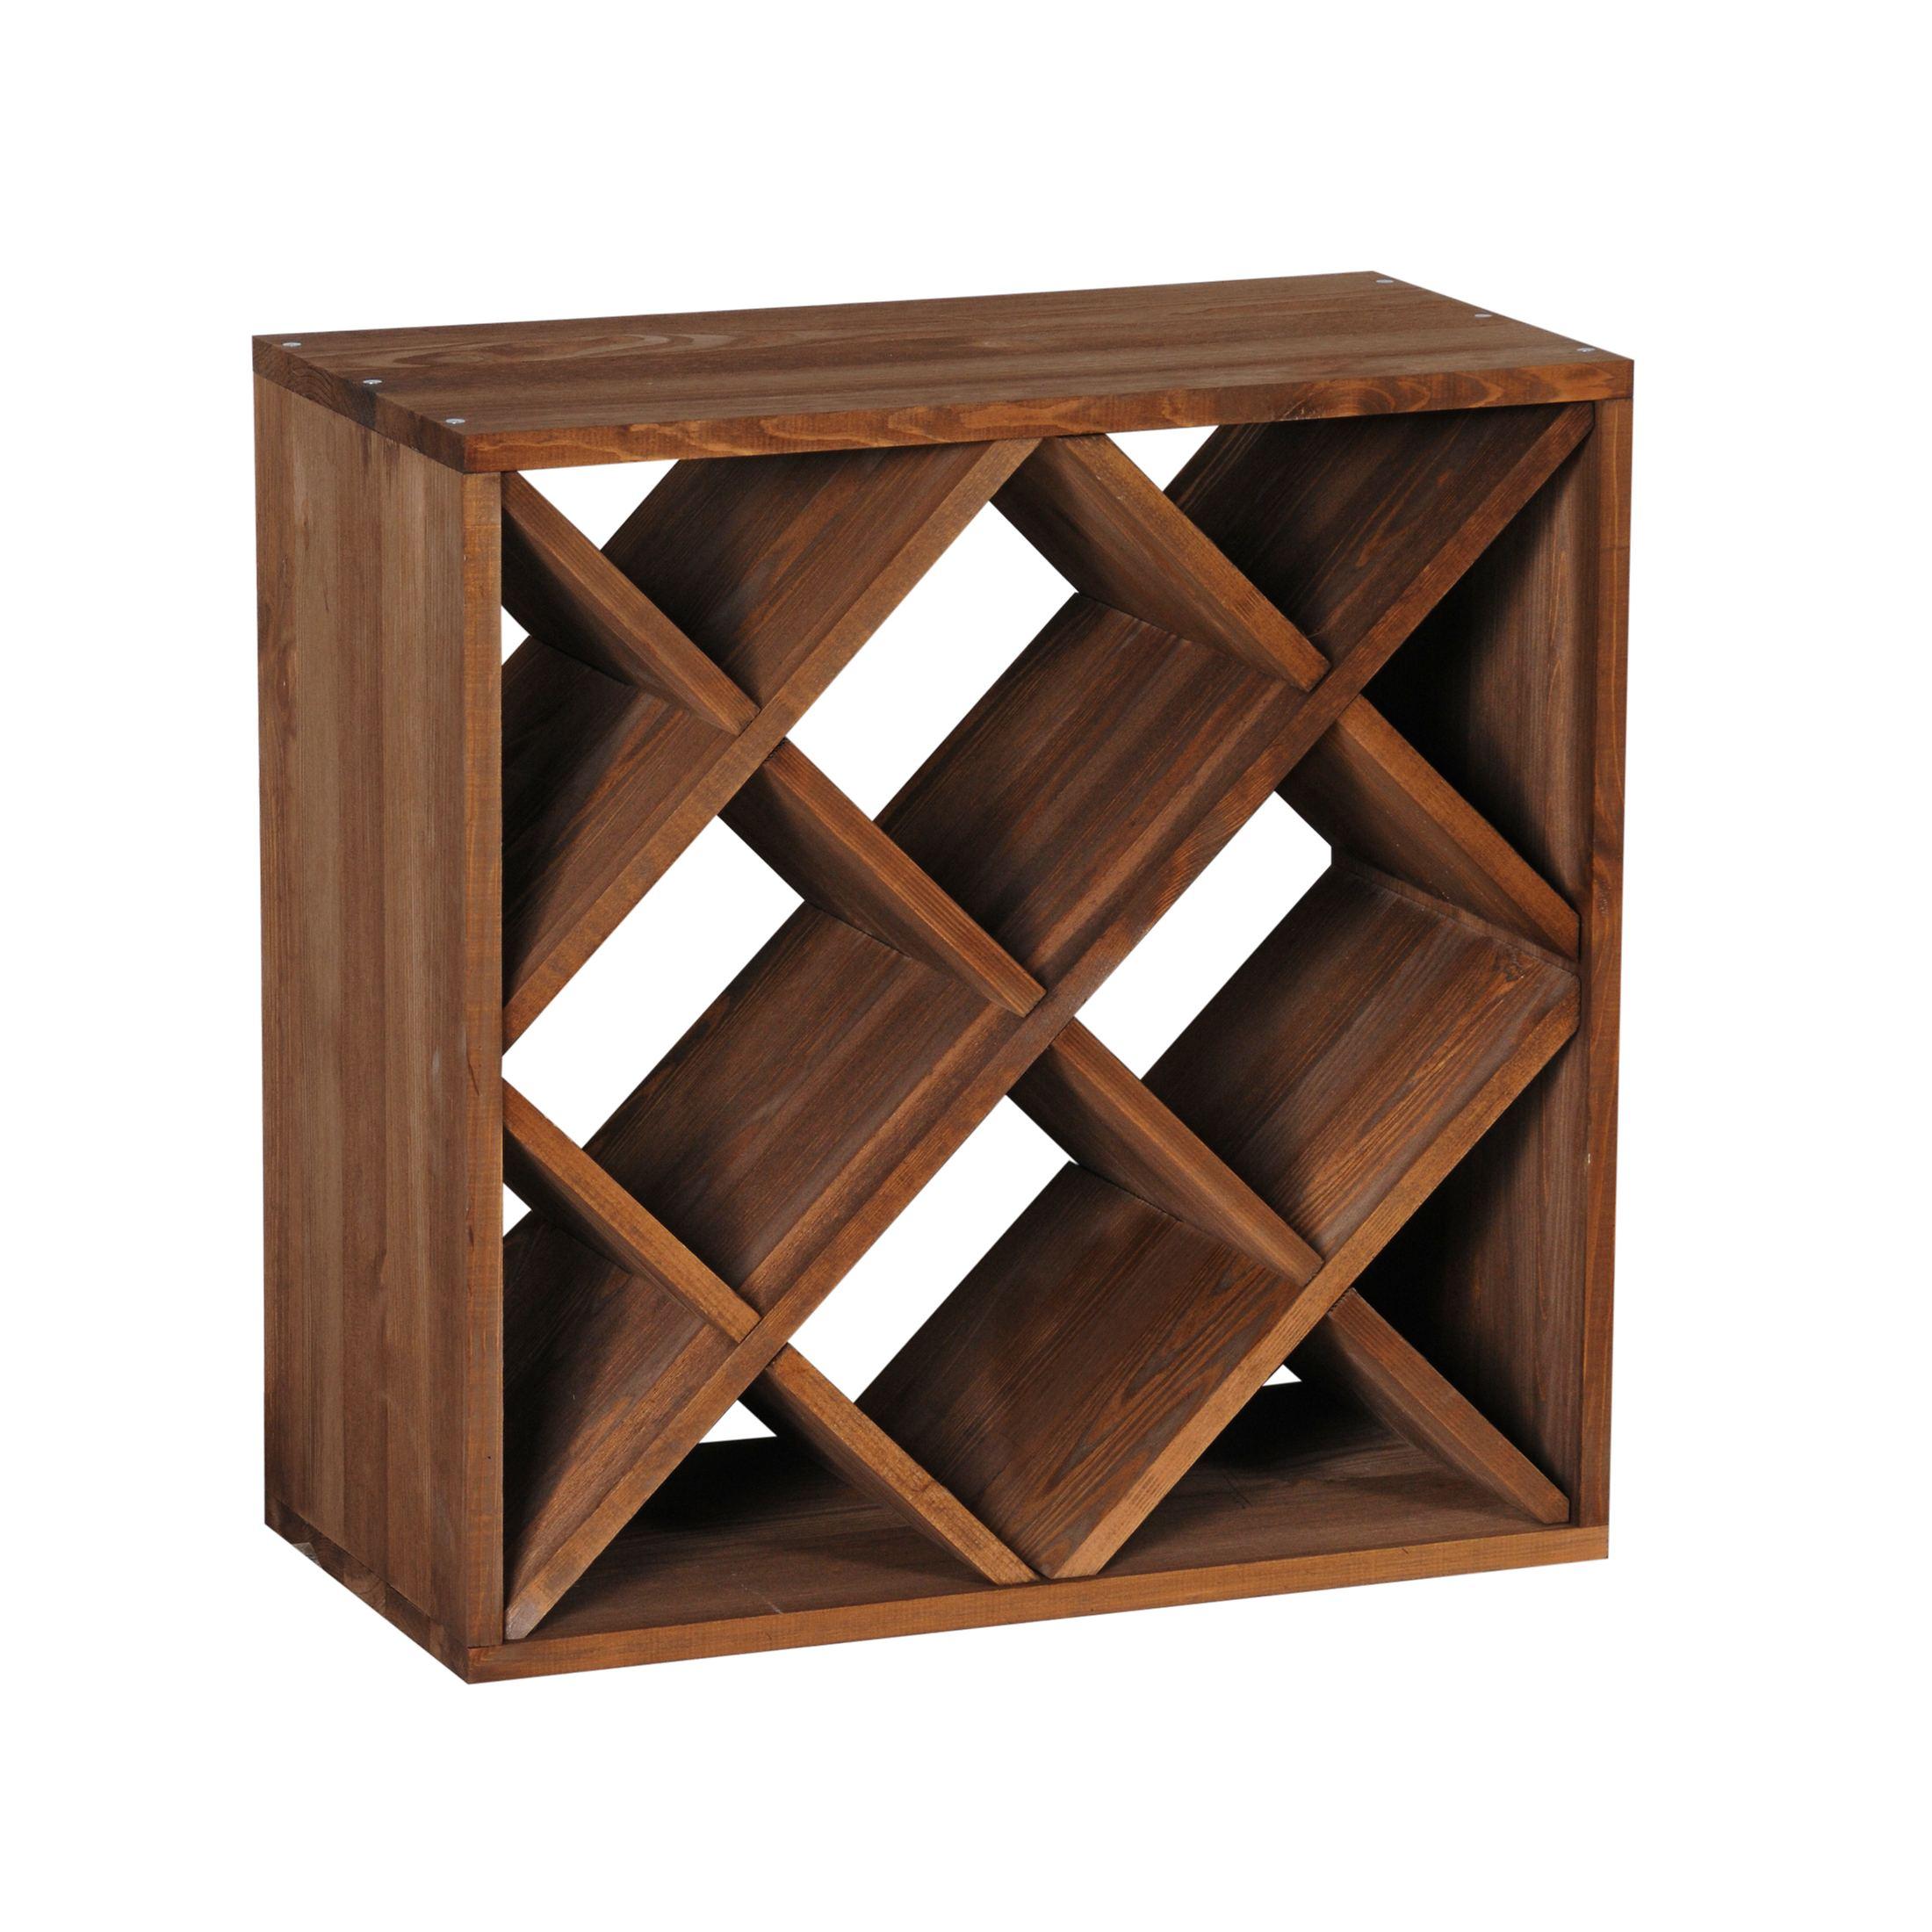 weinregal flaschenregal system cube 50 holz fichte. Black Bedroom Furniture Sets. Home Design Ideas